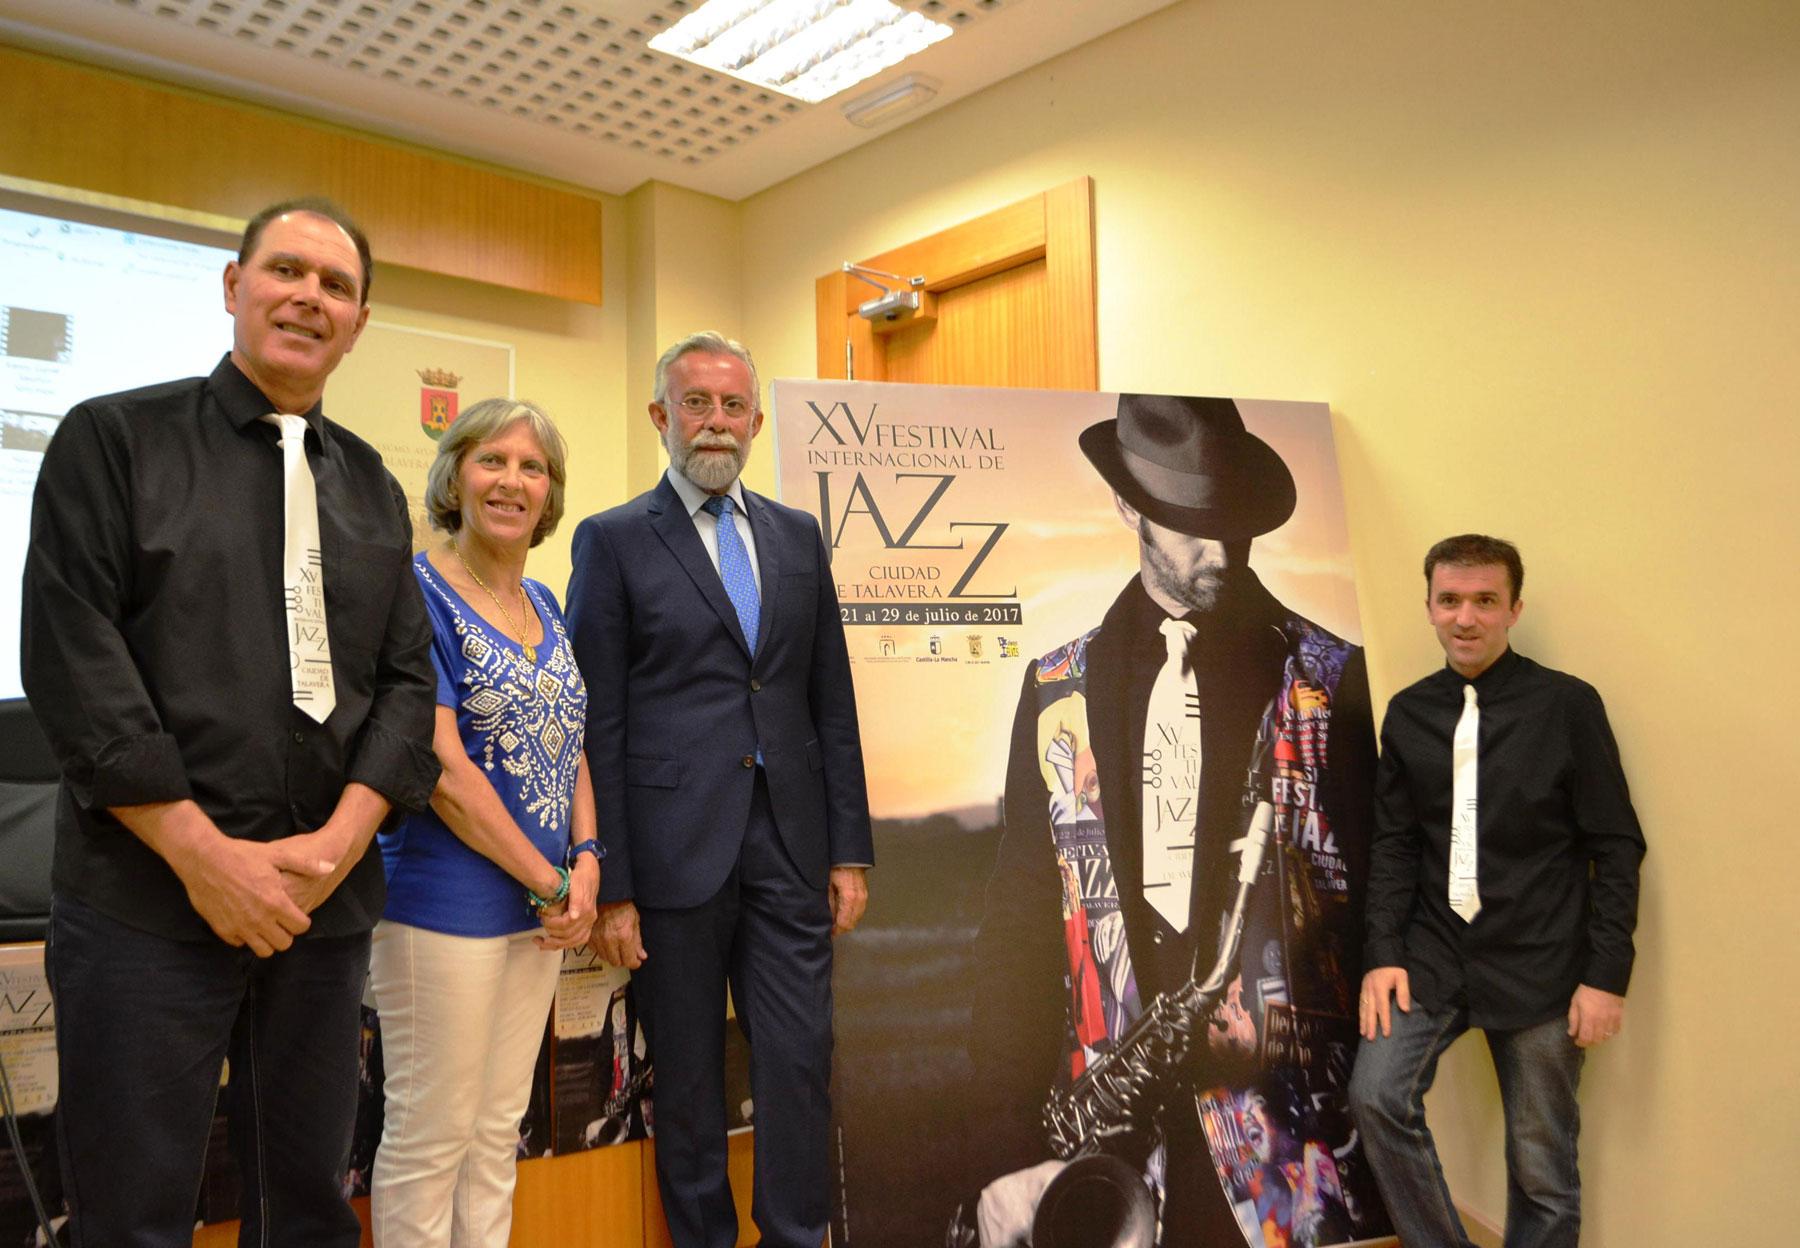 Presentación de la XV edición del Festival Internacional de Jazz de Talavera